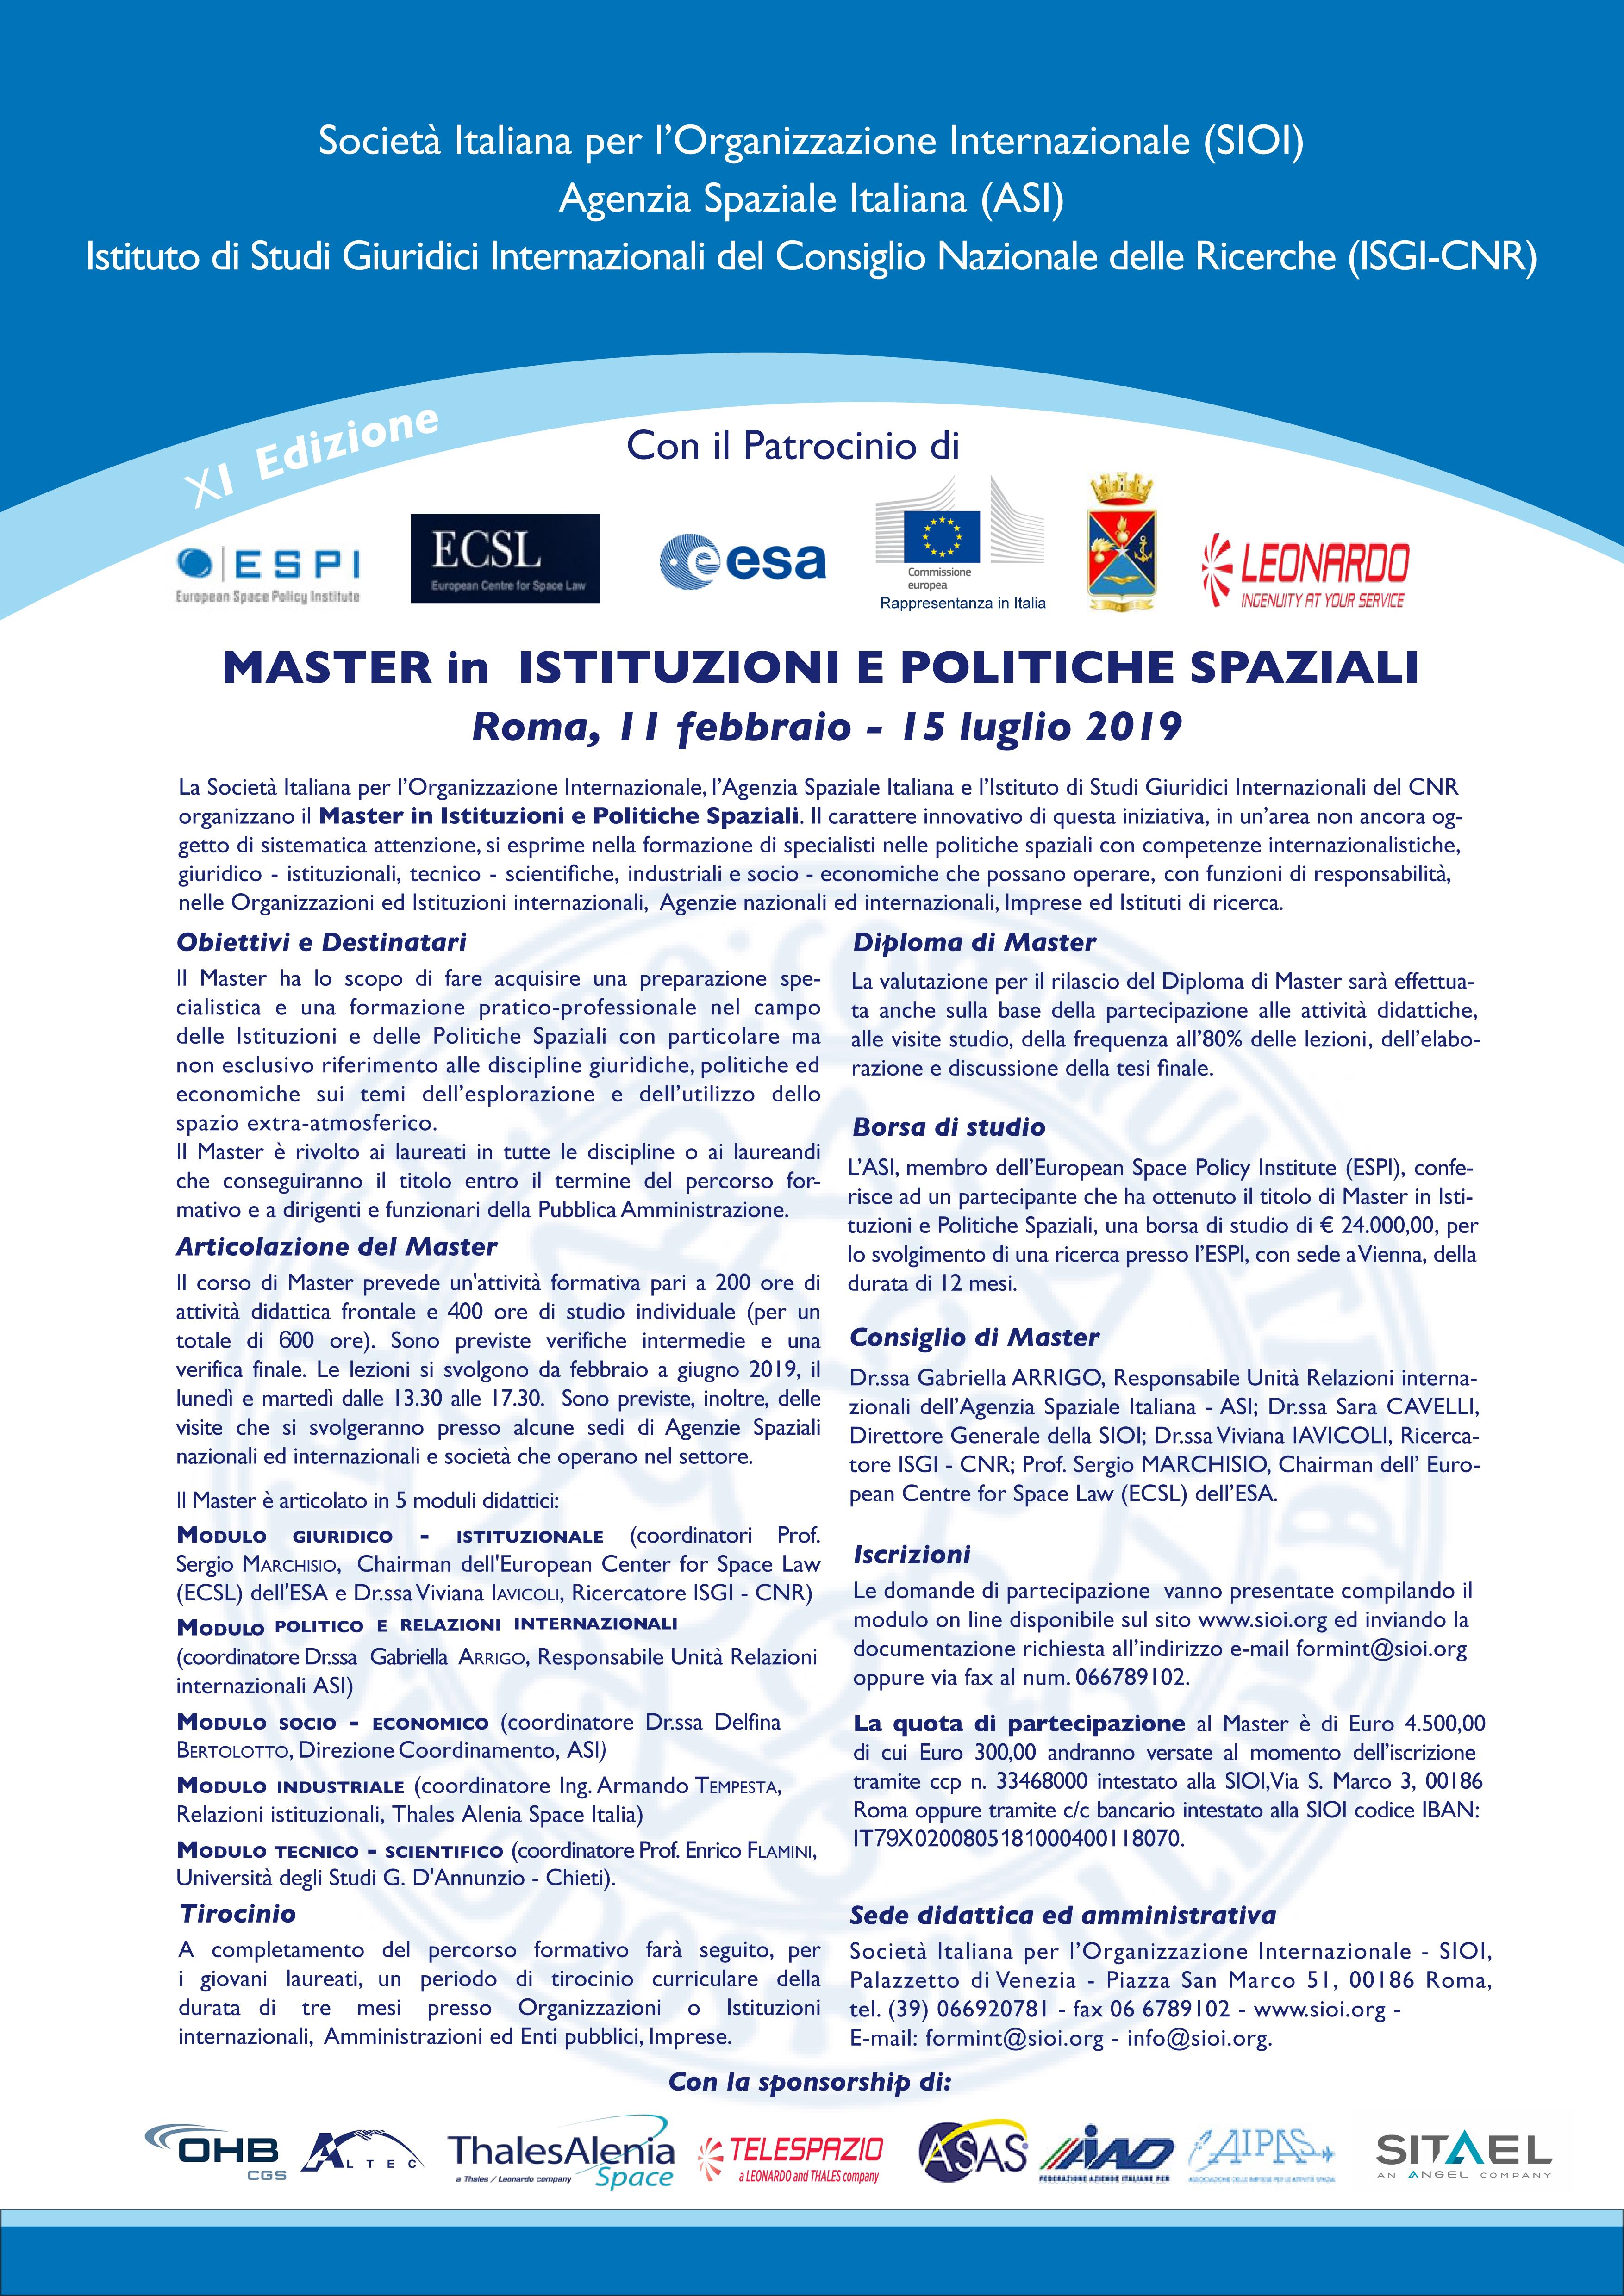 XI Master in Istituzioni e Politiche Spaziali 11 febbraio - 15 luglio 2019